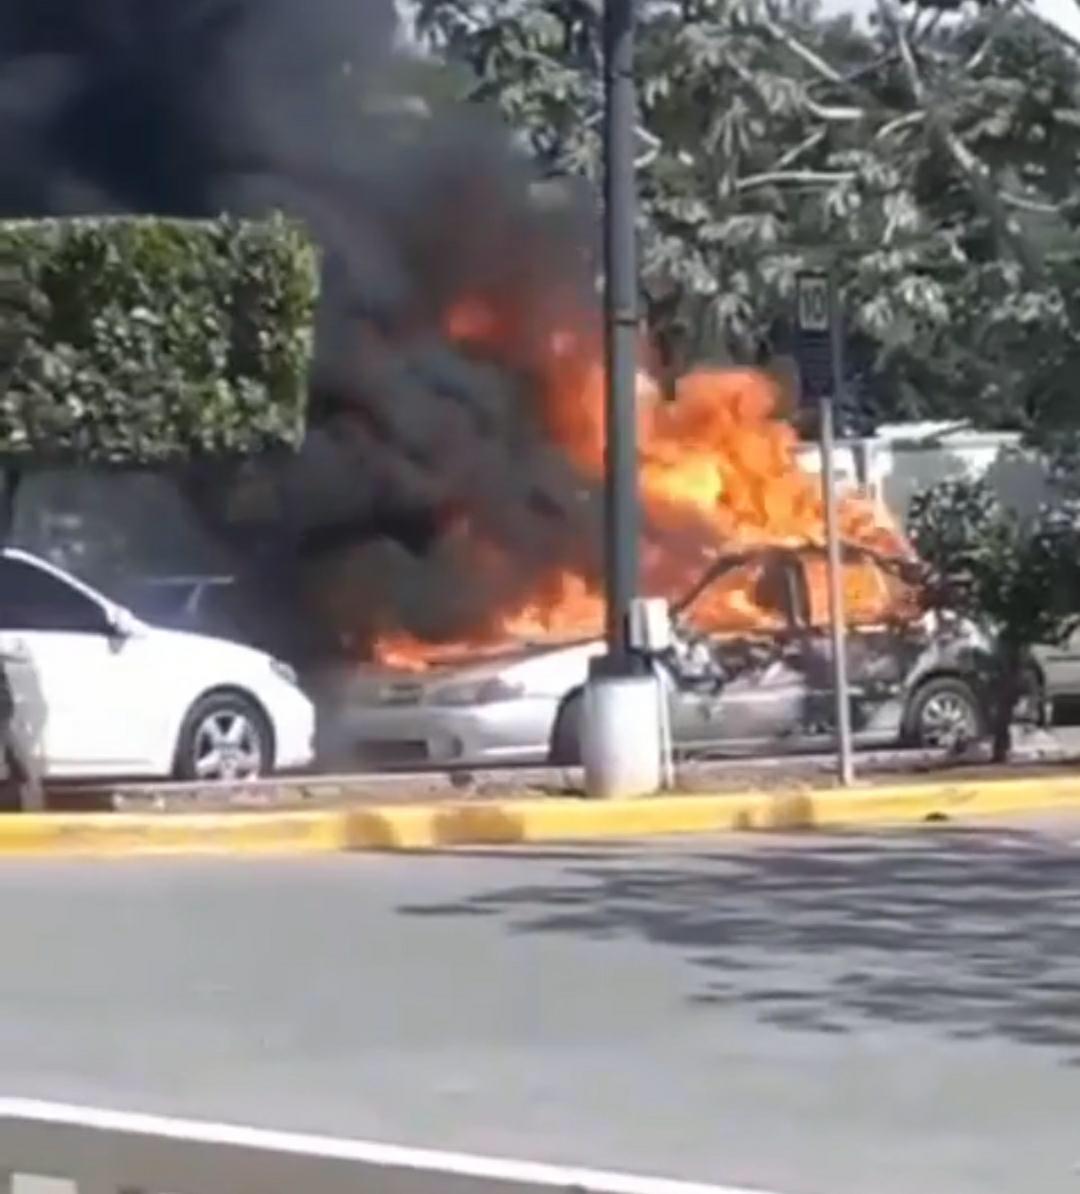 Dos vehículos se incendian en parqueo de tienda La Sirena  en Santiago